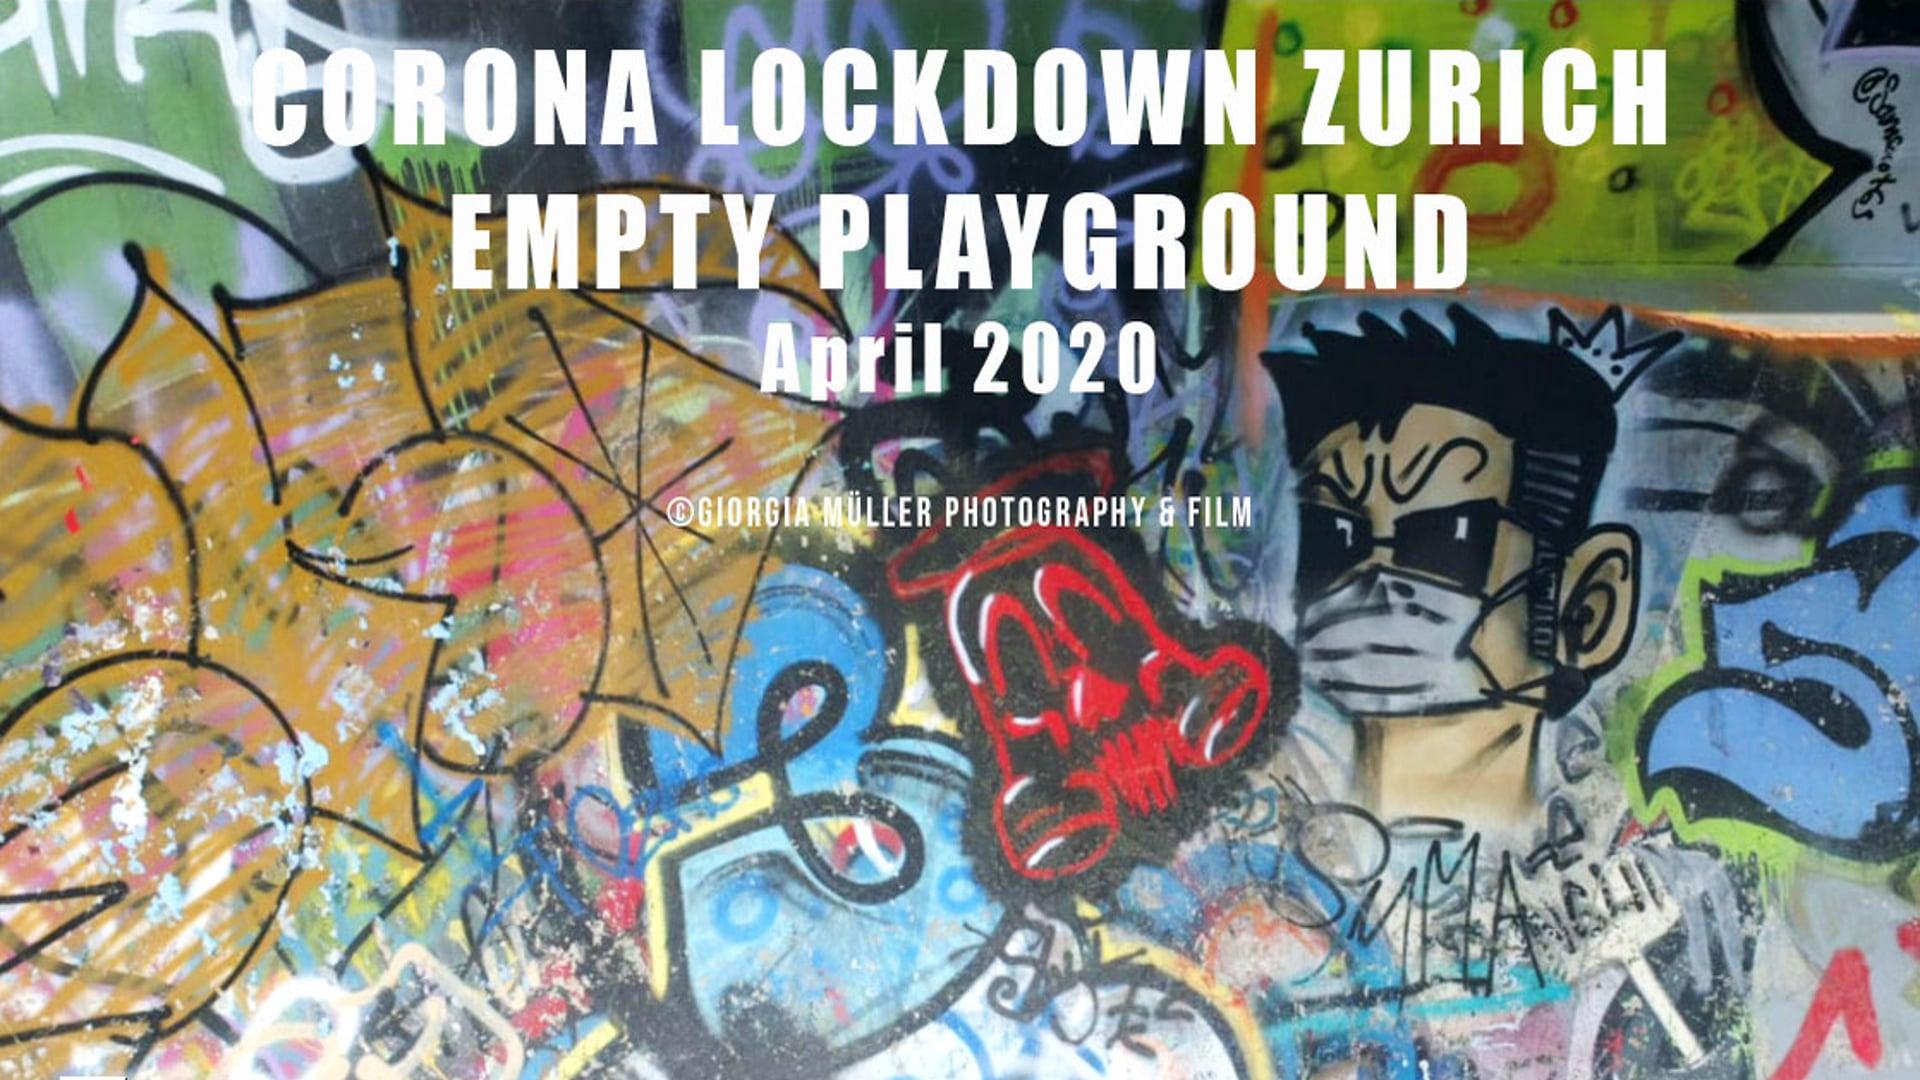 Corona Lockdown Zurich - Empty Playground